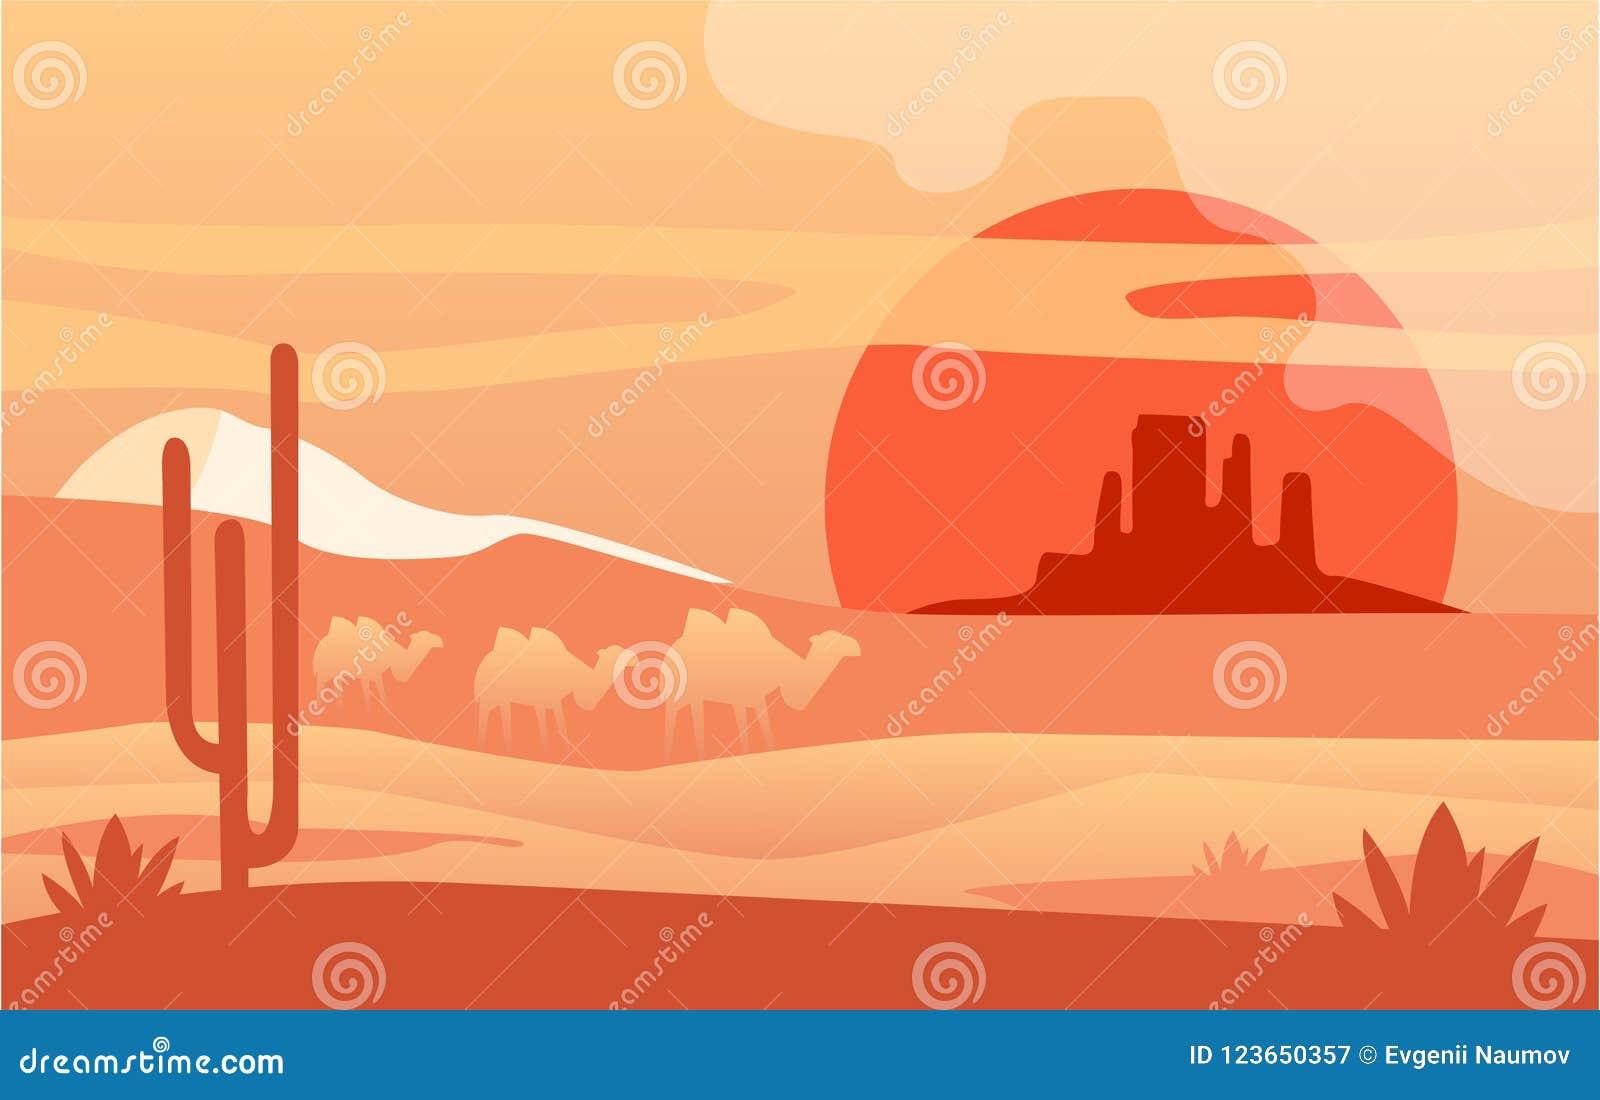 Härlig plats av naturen, fridsamt ökenlandskap med kamel, mall för banret, affisch, tidskrift, räkning